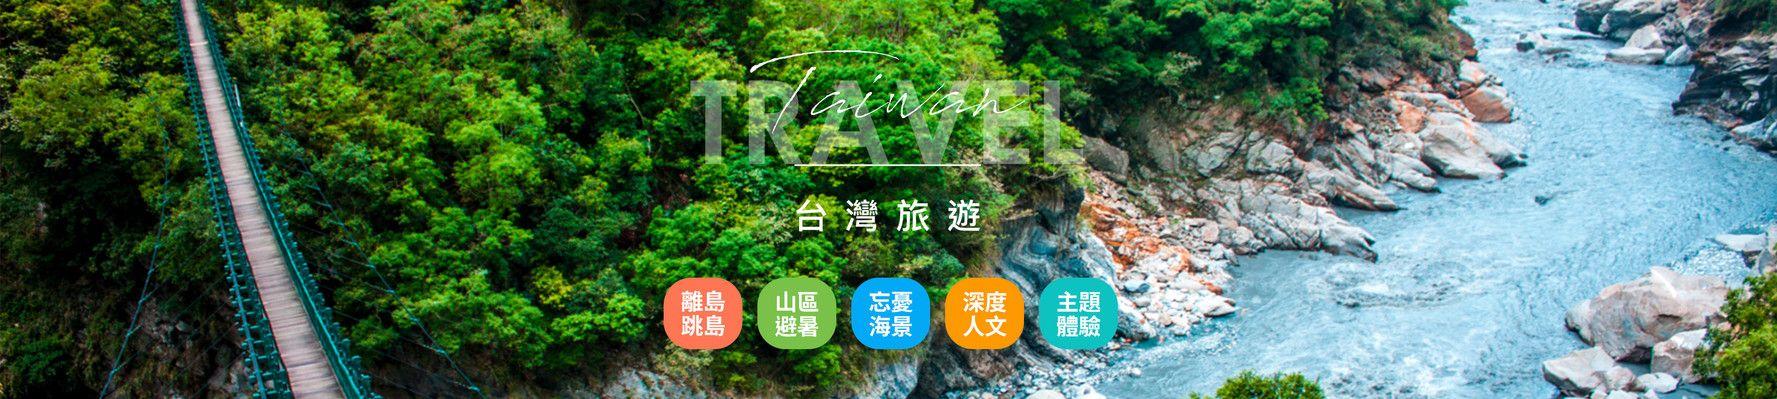 探索台灣秘境!